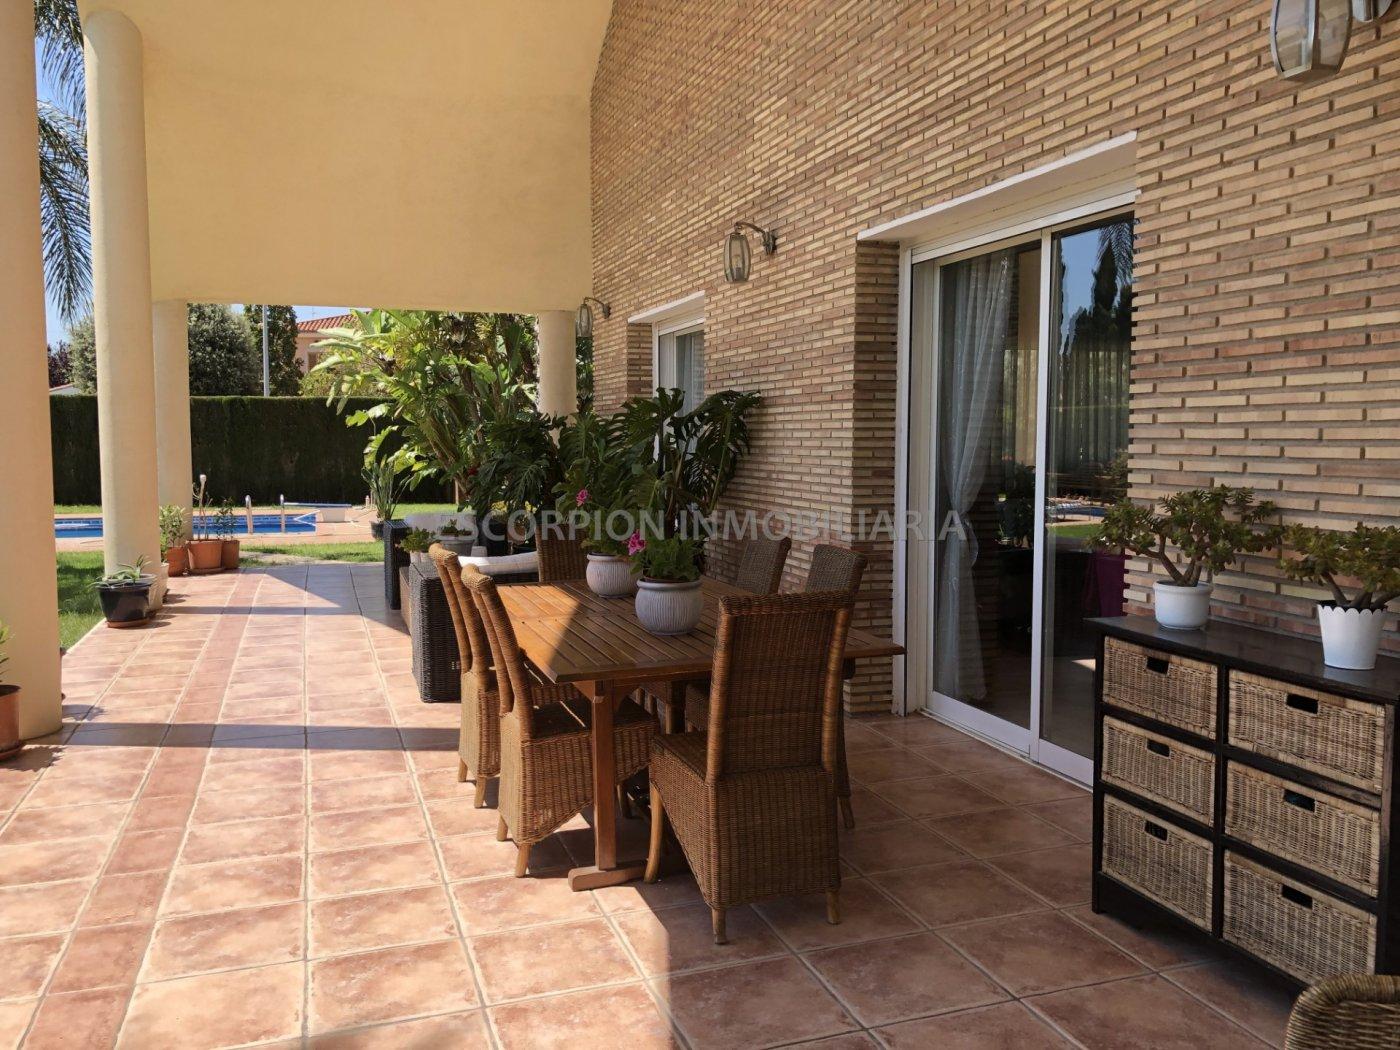 Casa independiente en alquiler en Colinas de San Antonio de Benagéber 8